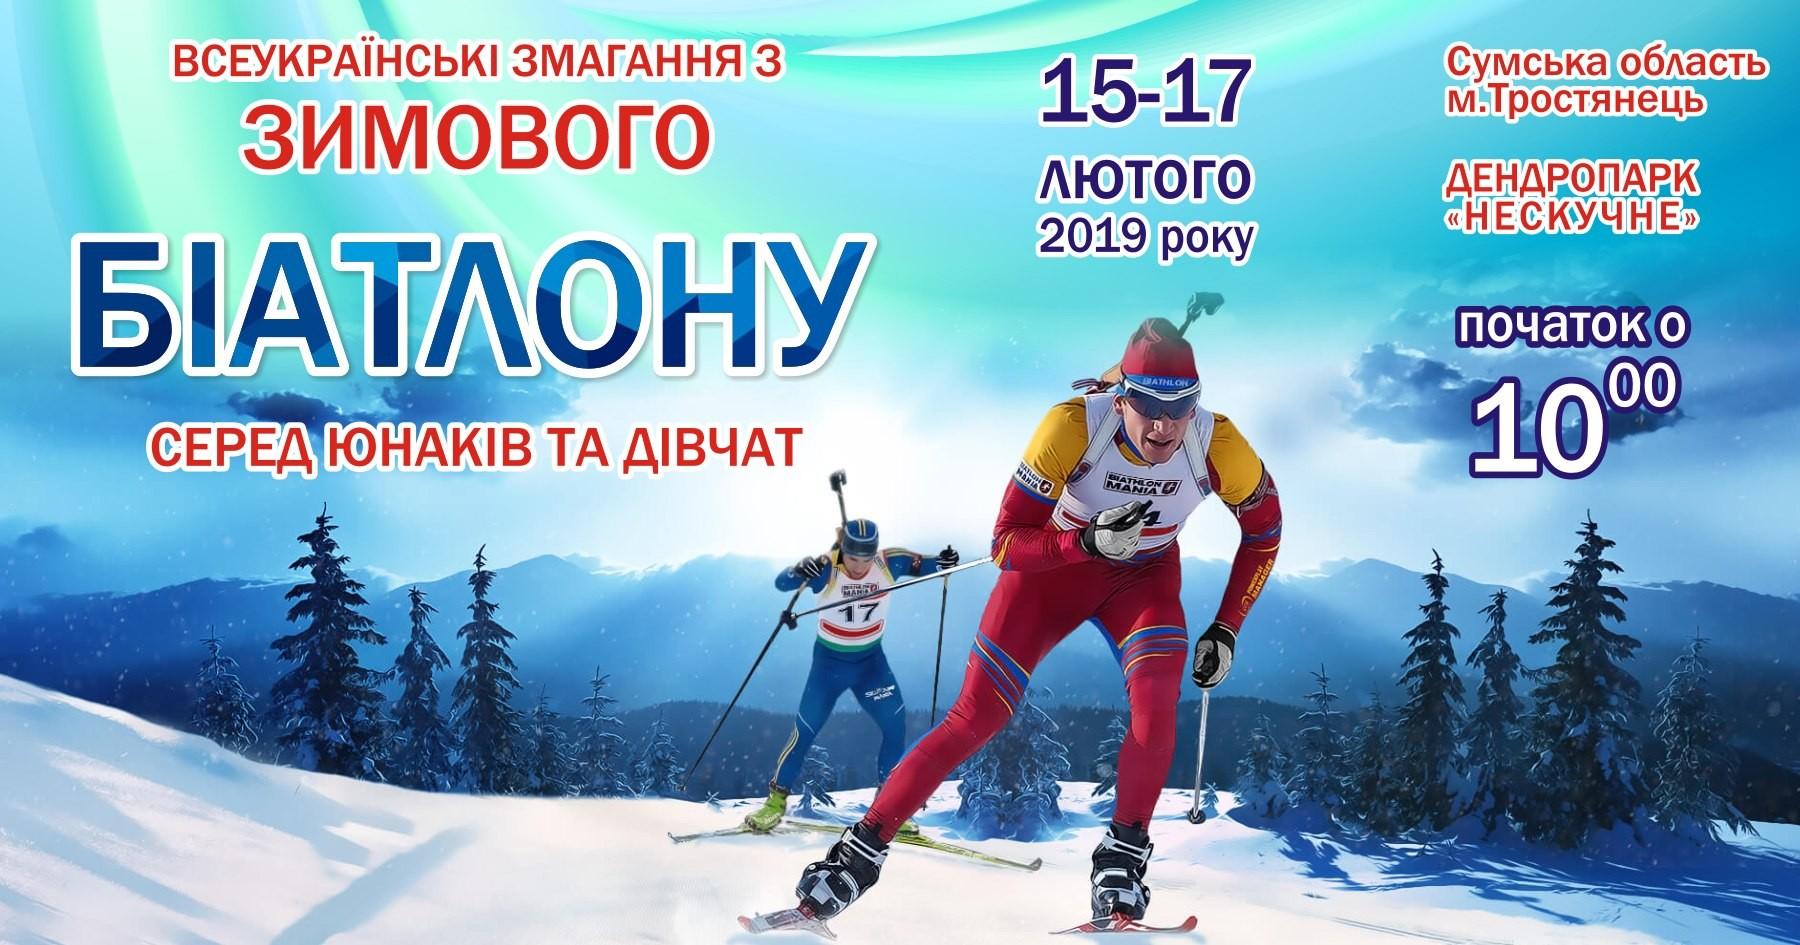 Великий біатлон повертається у Тростянець - Тростянець.info